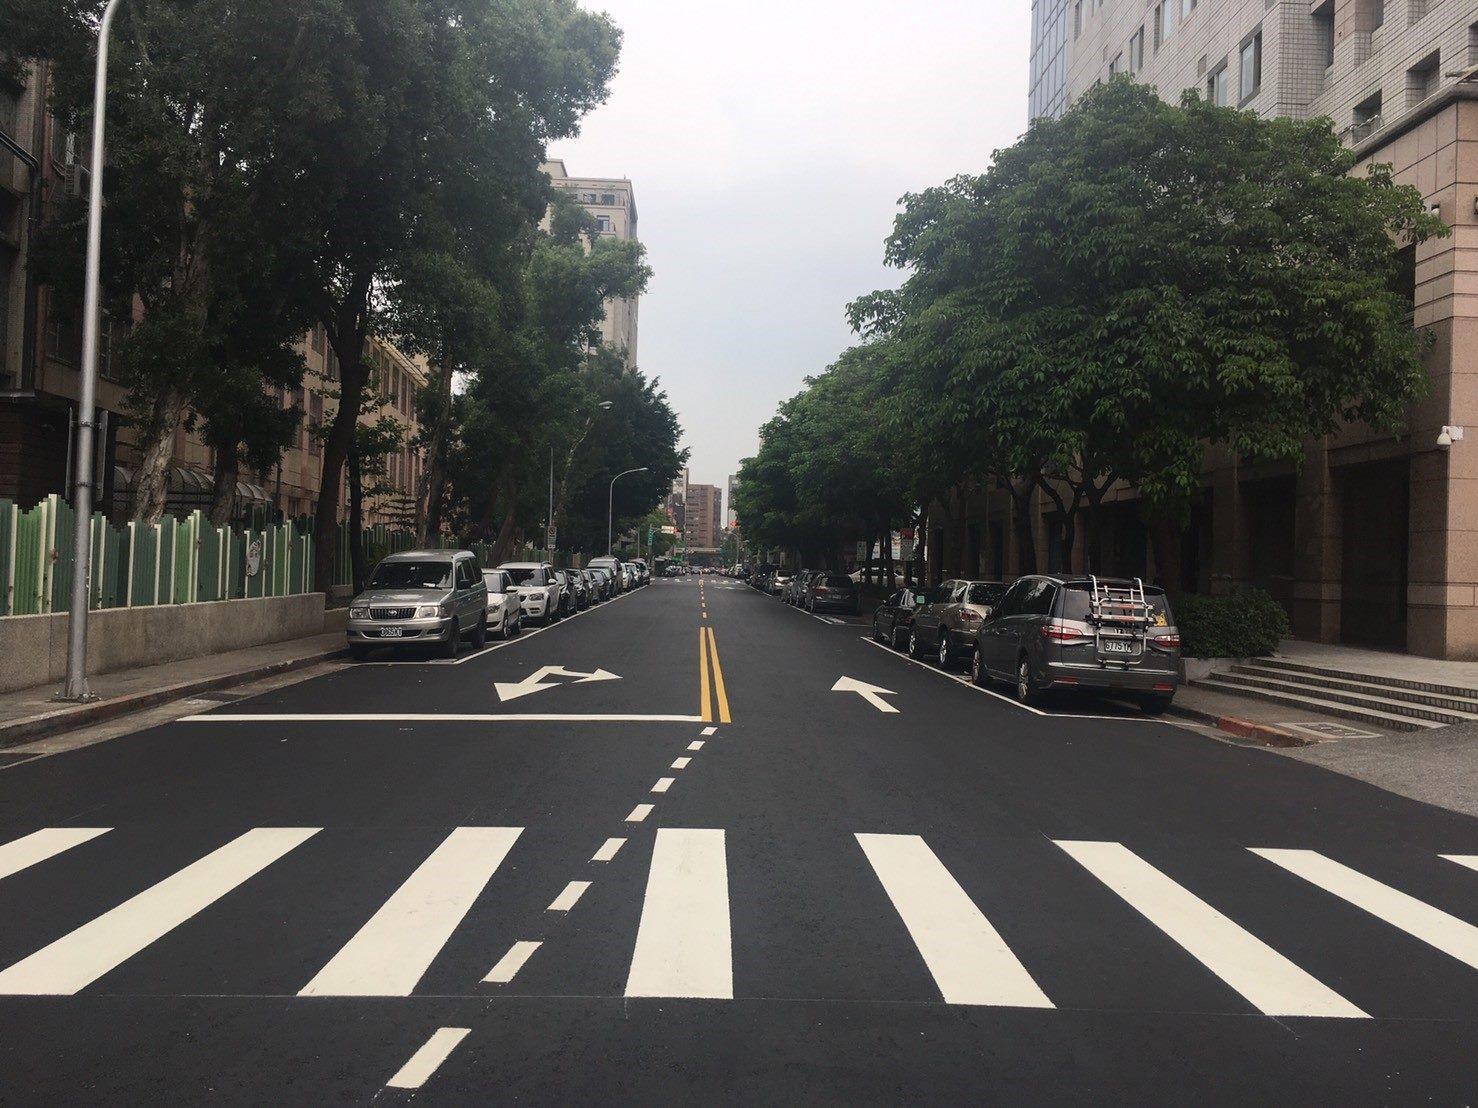 臺北市朱崙街路面更新後情形